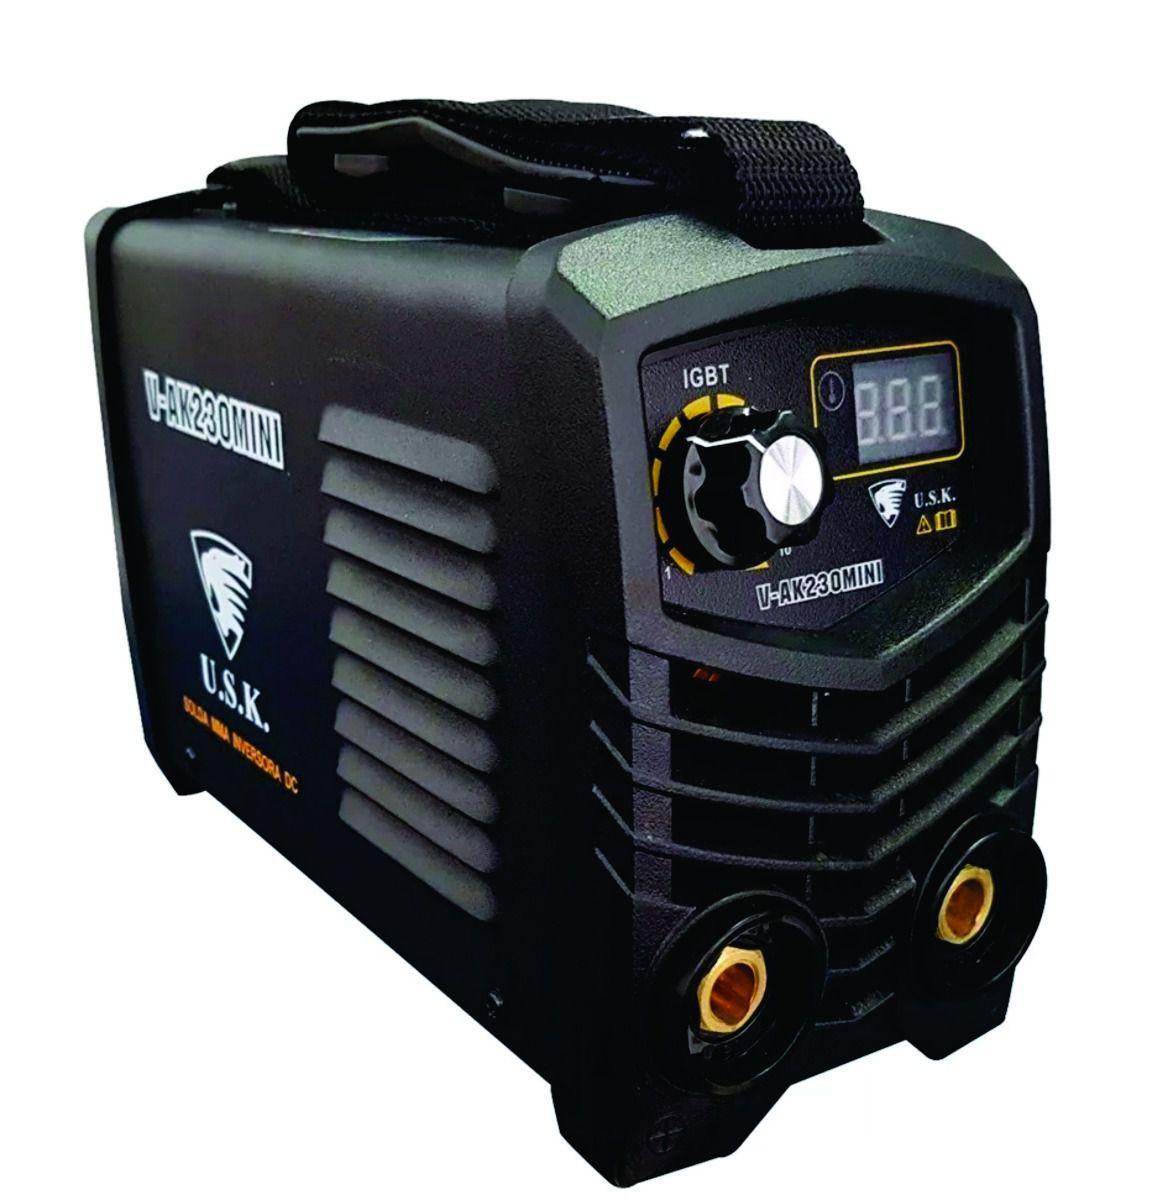 Máquina Inversora de Solda VAK-230 Mini 220v USK Com Acessórios